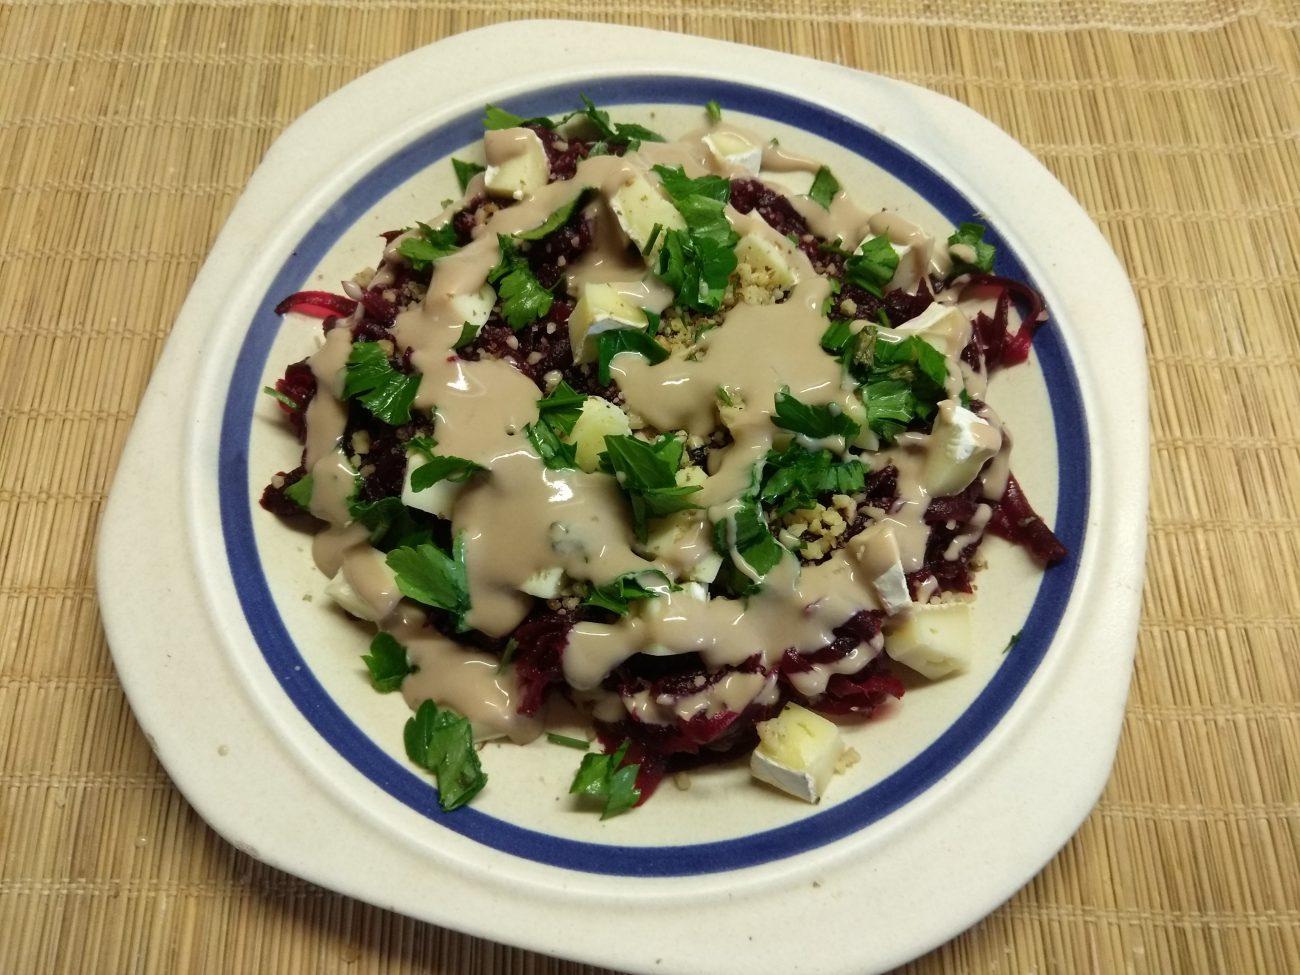 Салат из свеклы, сыра Бри и грецких орехов под заправкой из йогурта